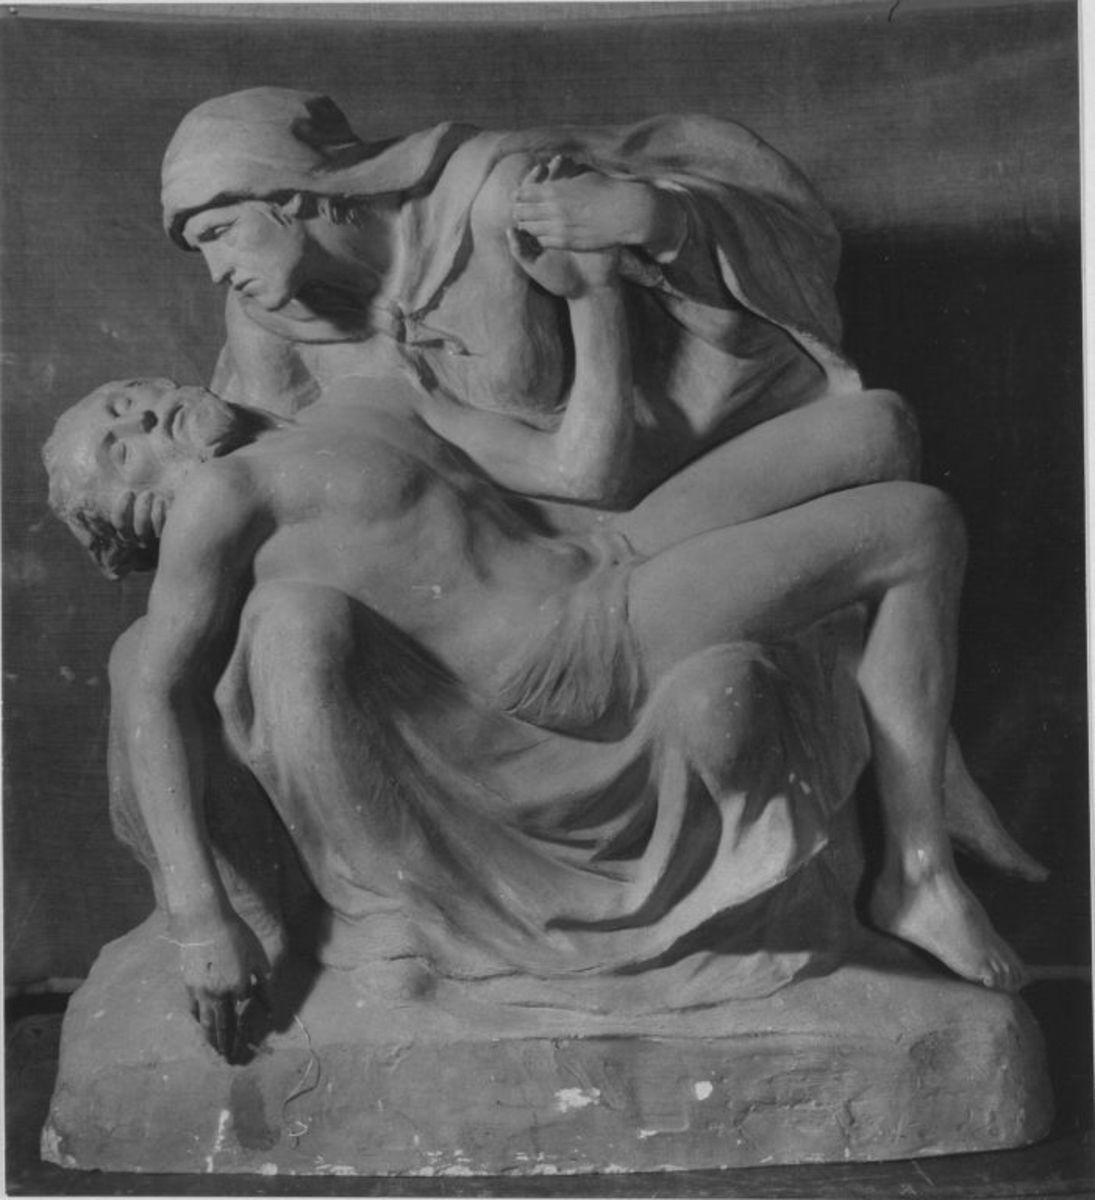 Modell für die Pietà des Mausoleums der Familie Götz Martius in Kiel